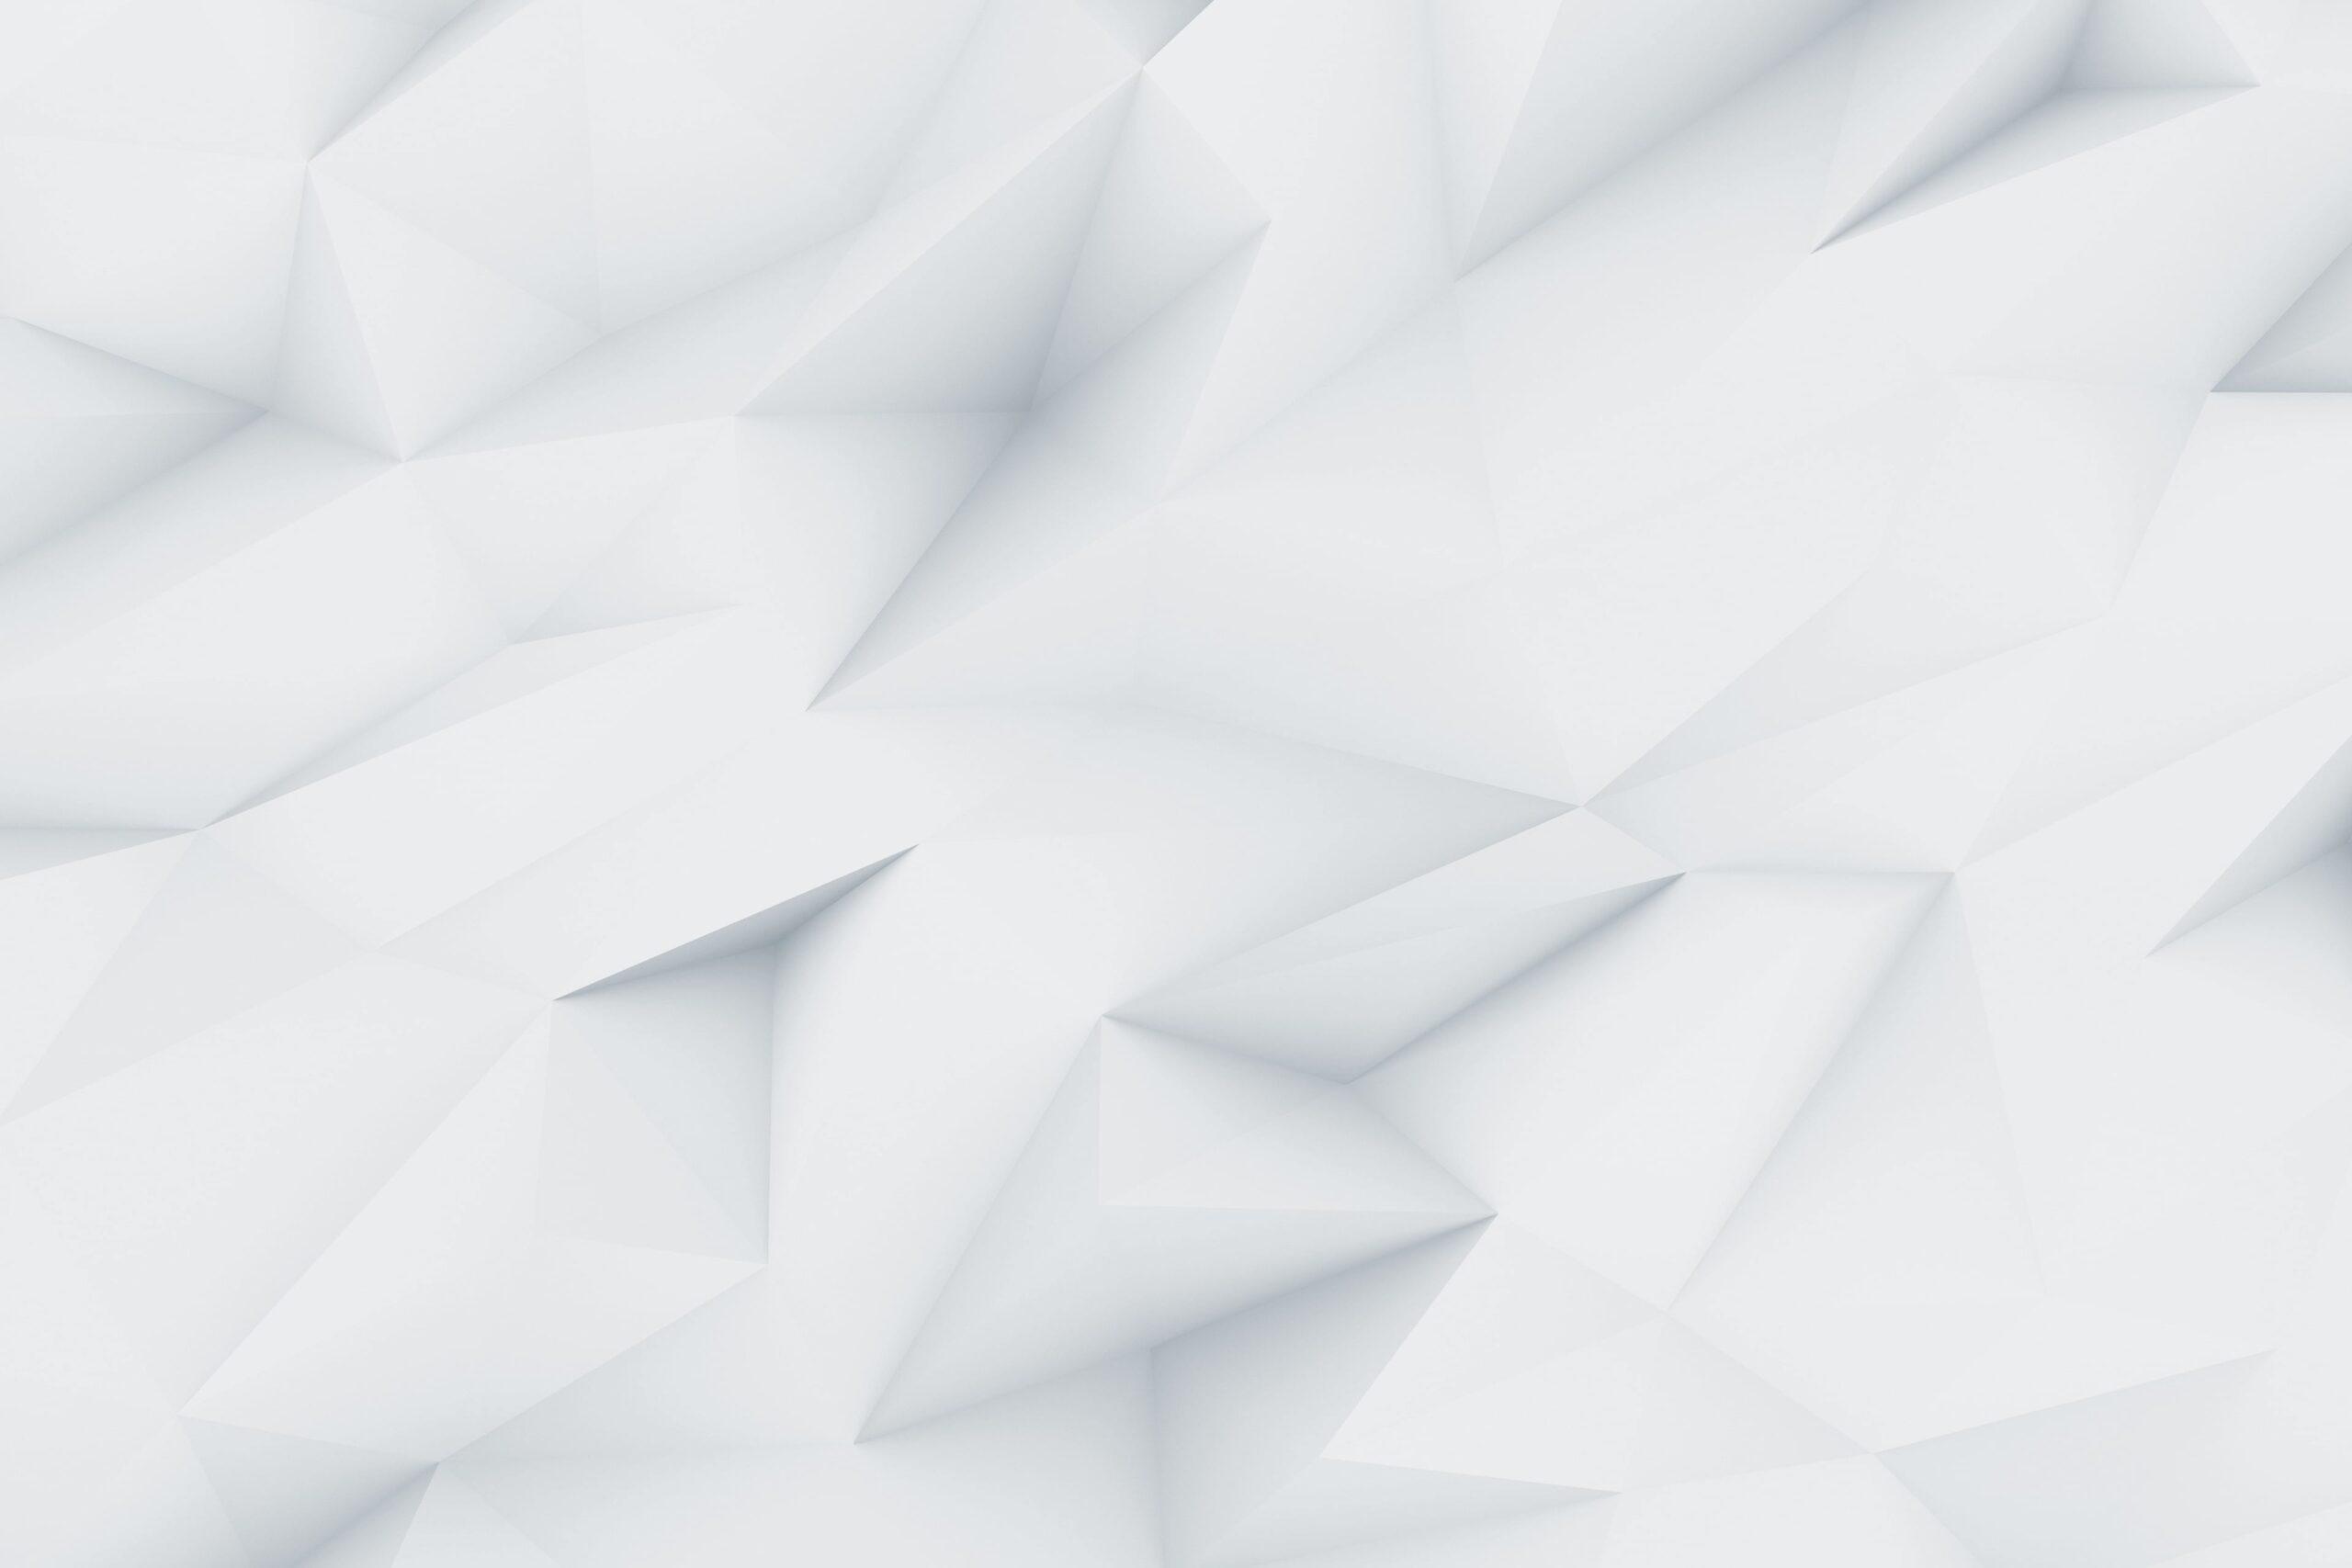 demo-image-00002